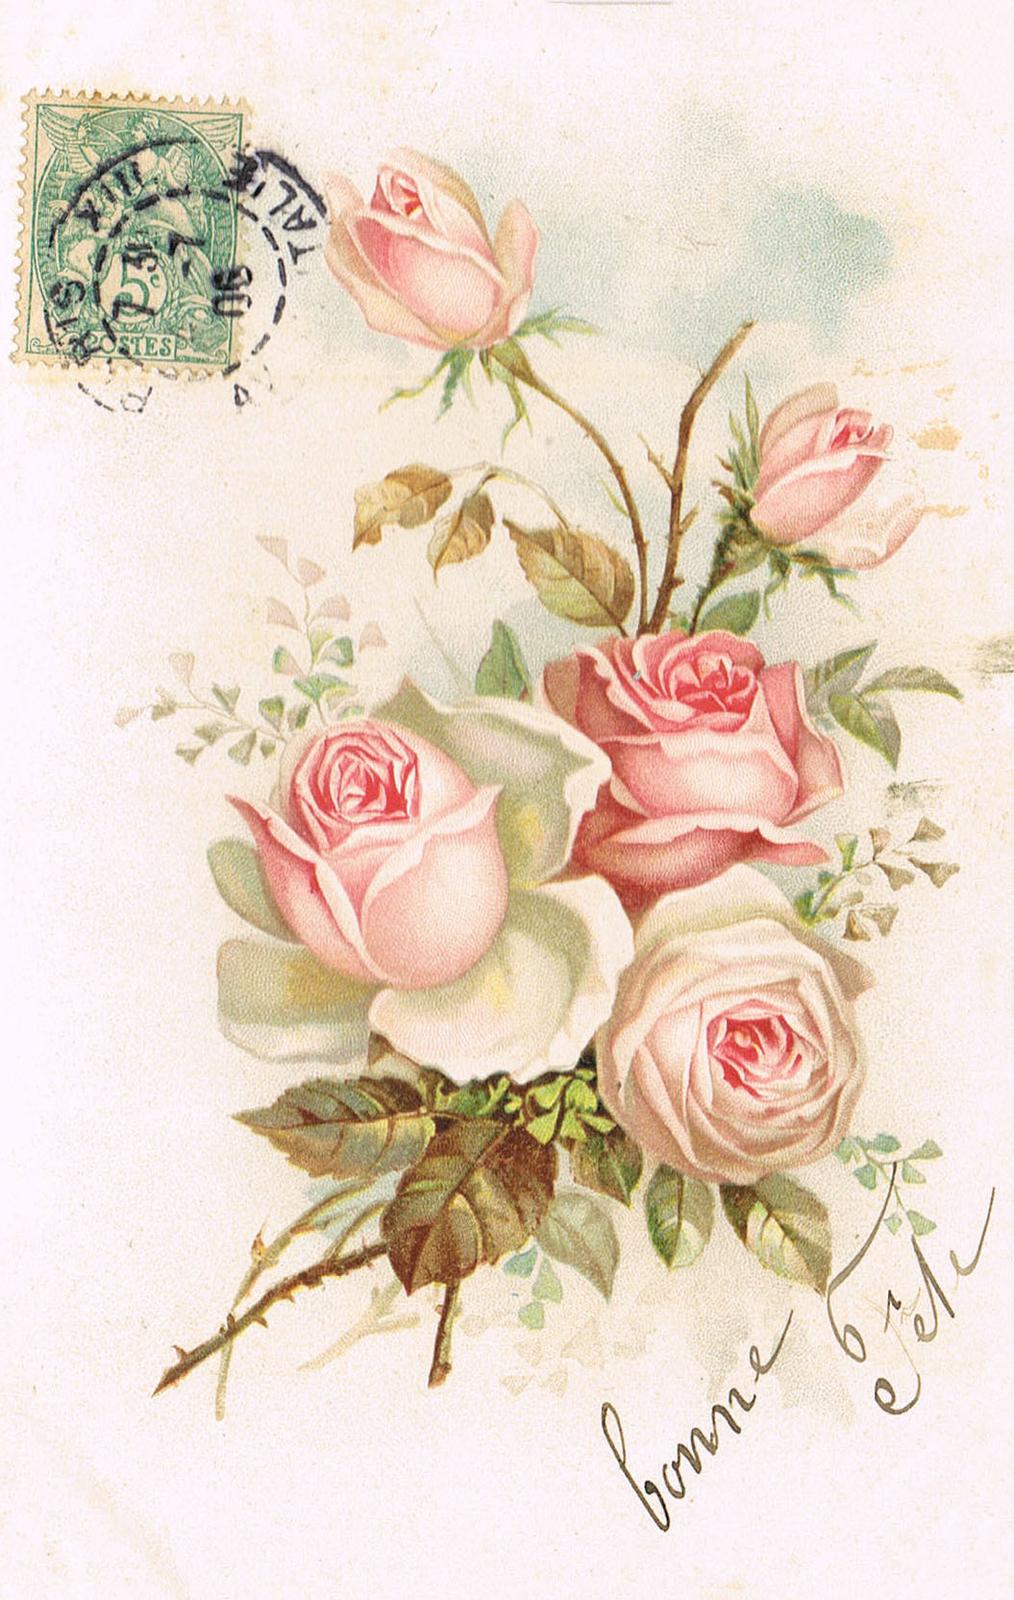 """Cpa """" Bonne Fête """" - fleurs - 5 roses - carte postée en 1906 - - Carte postale ancienne et vue d ..."""